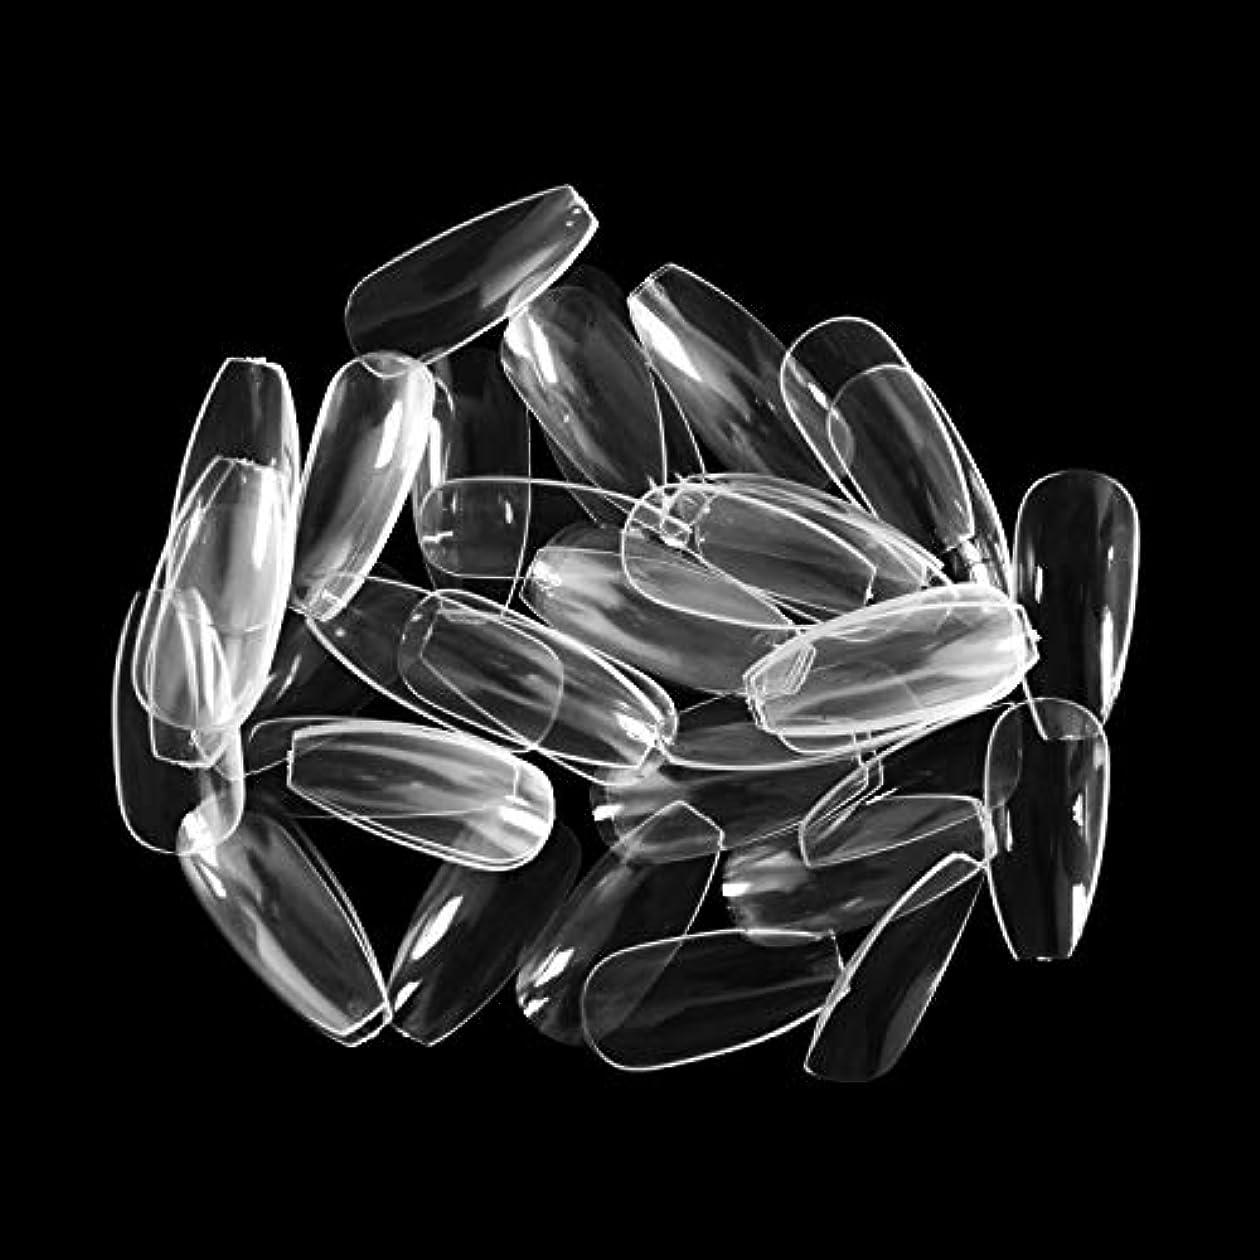 亜熱帯不潔保険をかけるネイルチップ Missct つけ爪 無地 ロング スクエア型 600枚入れ 10サイズ 爪にピッタリ 付け爪 練習用 透明 ネイル用品 デコレーション ネイルアート